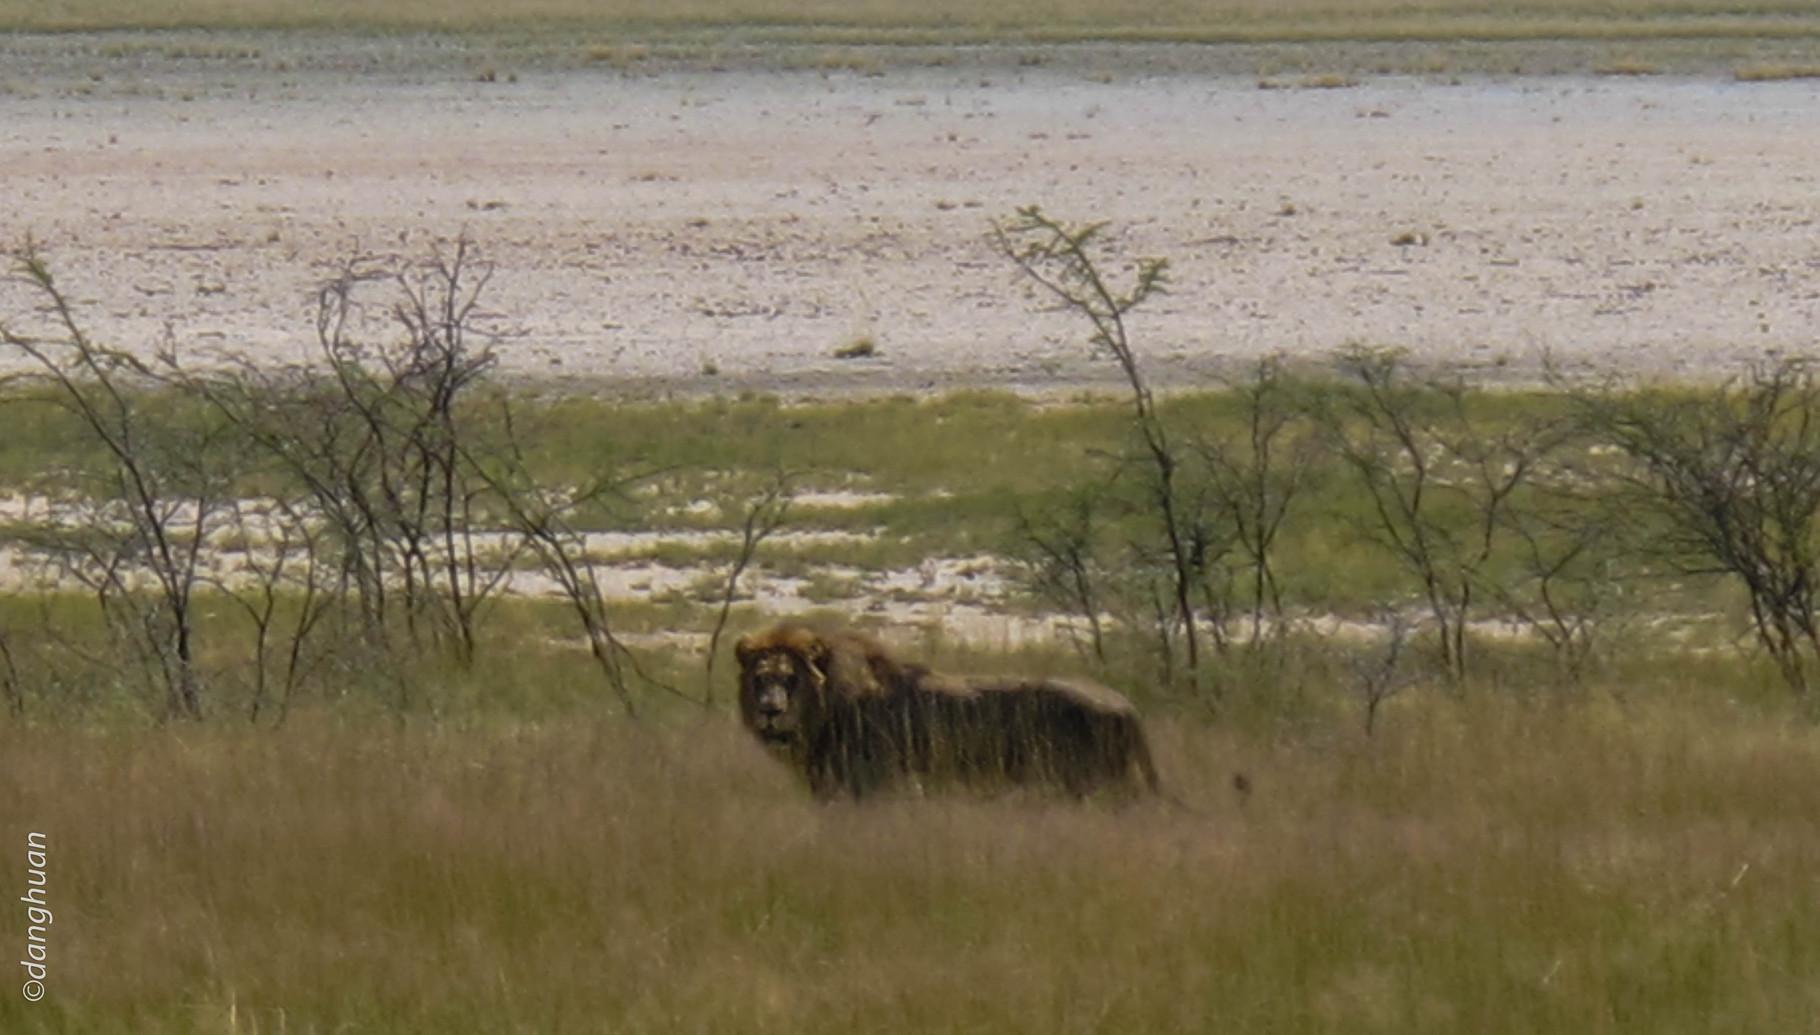 Vieux lion solitaire (parc national d'Estosha - Namibie)